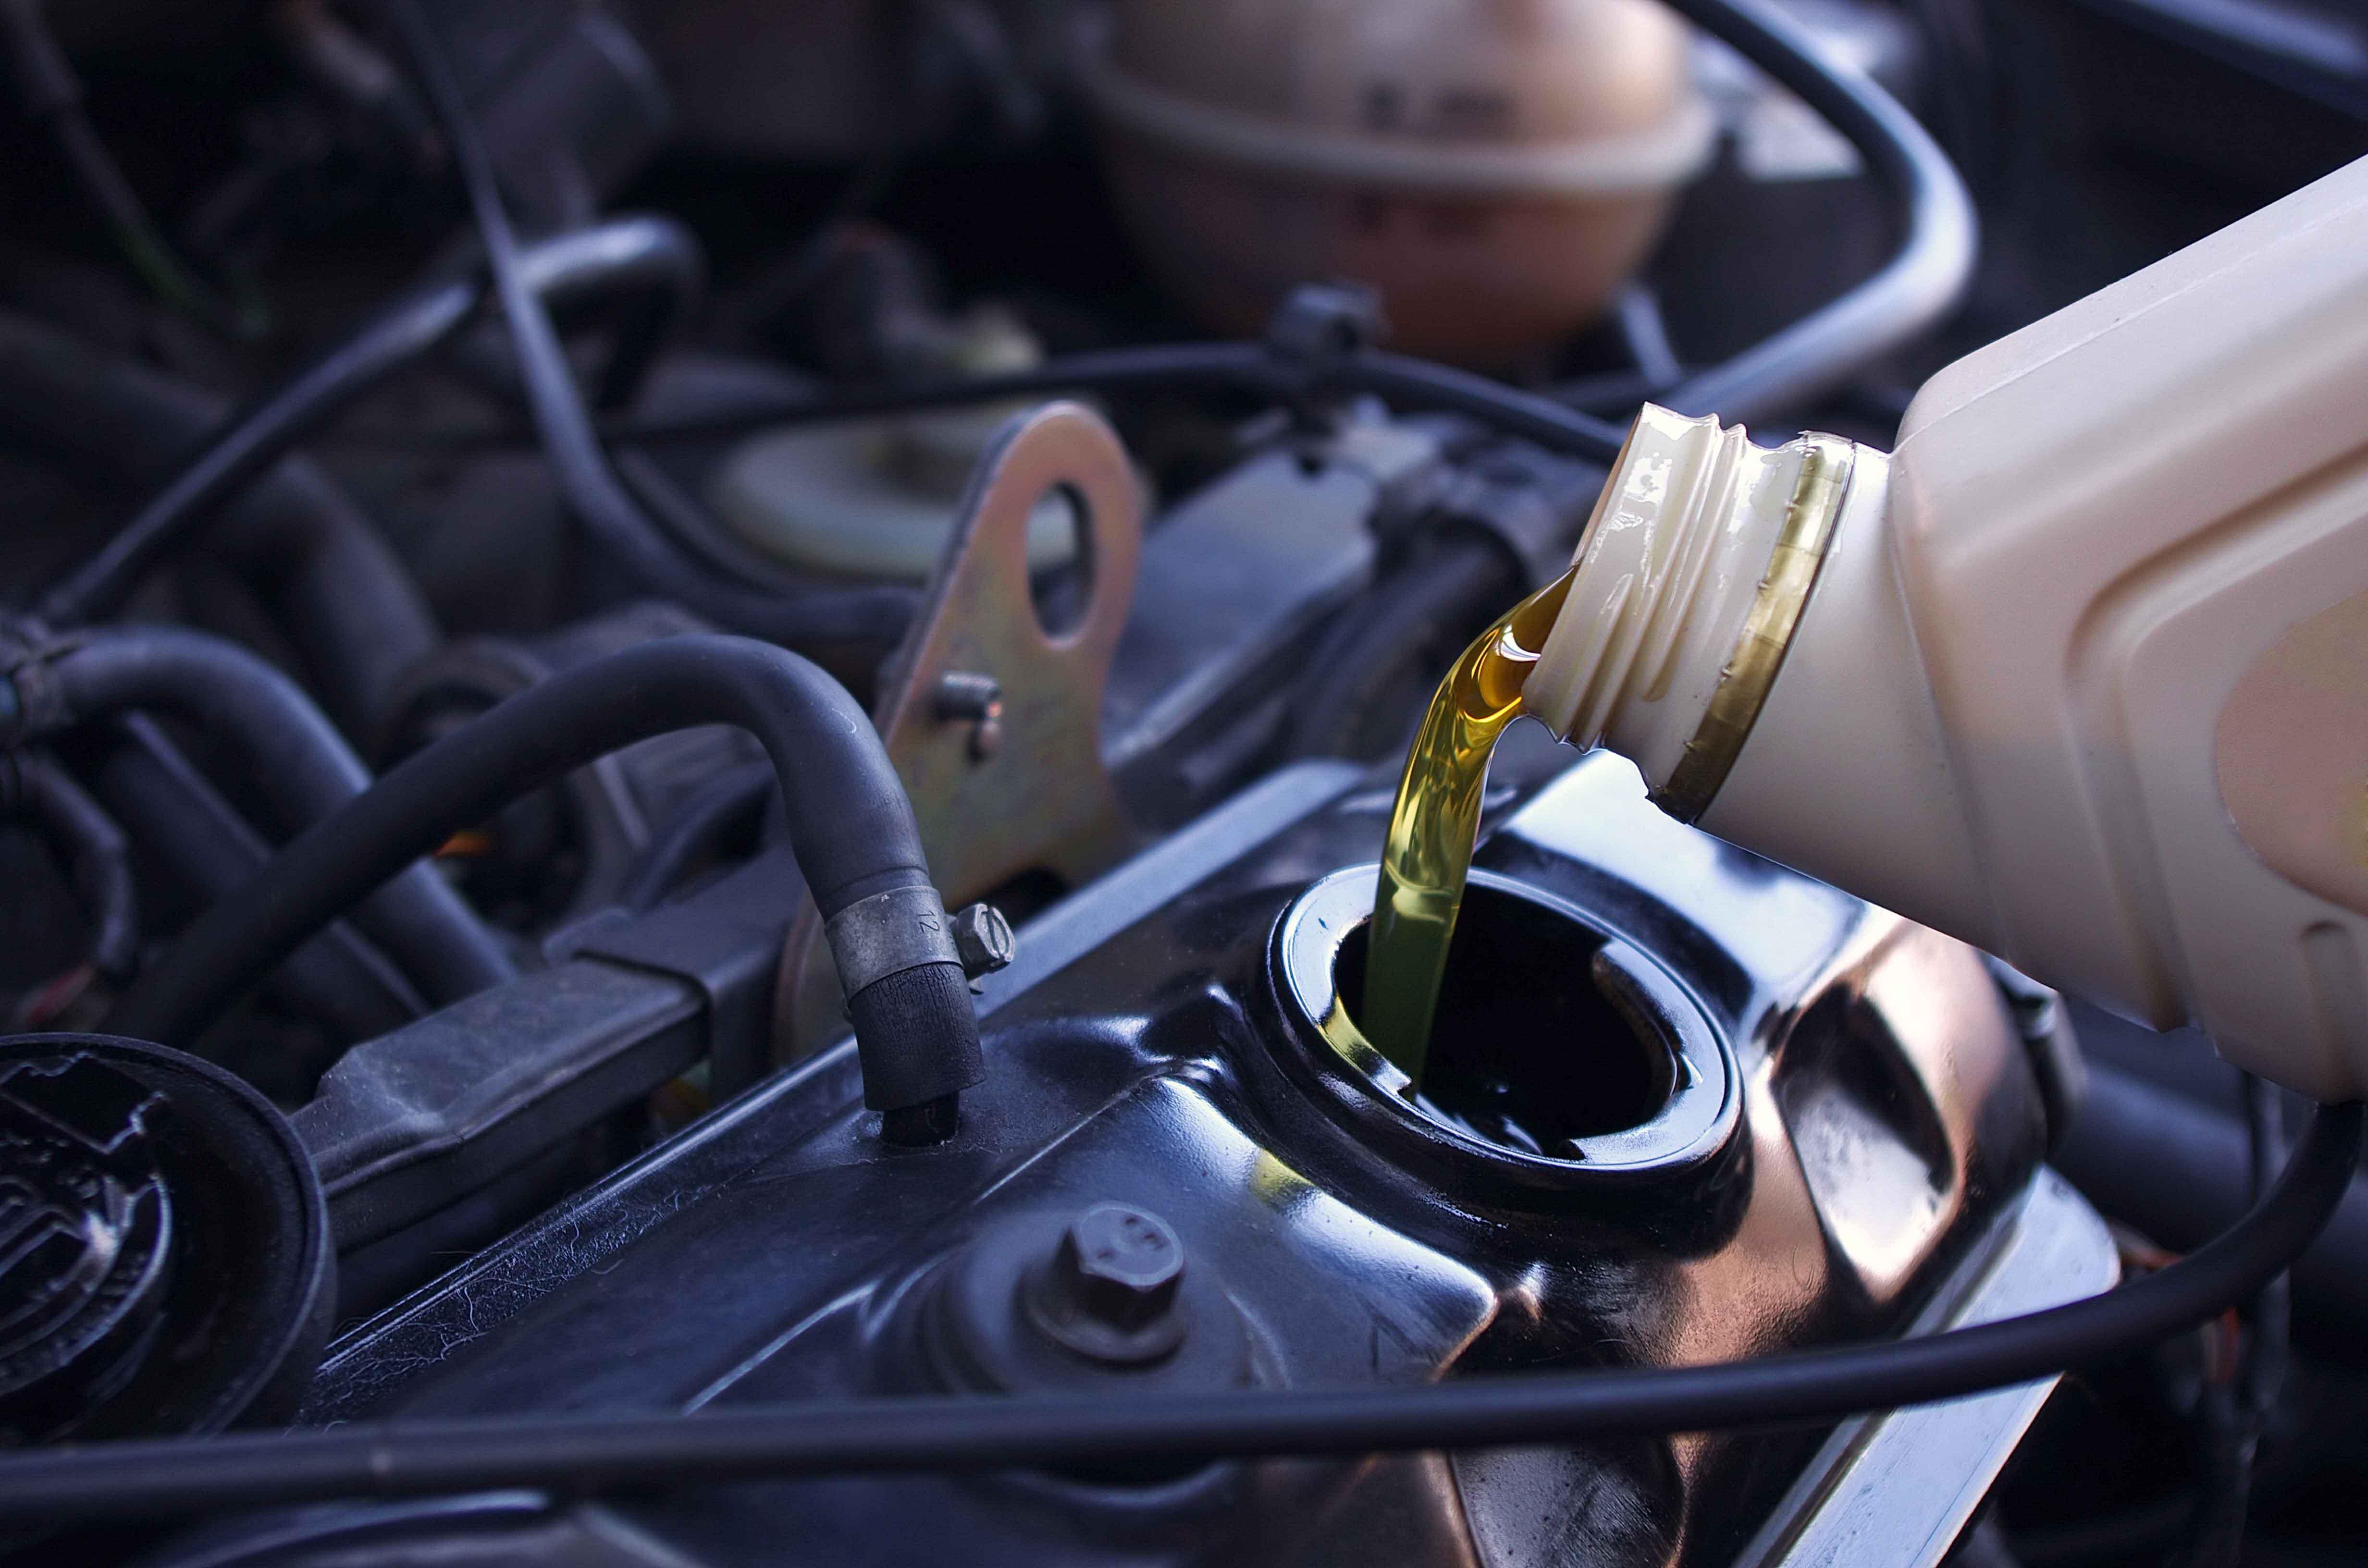 Depósito de aceite de un coche